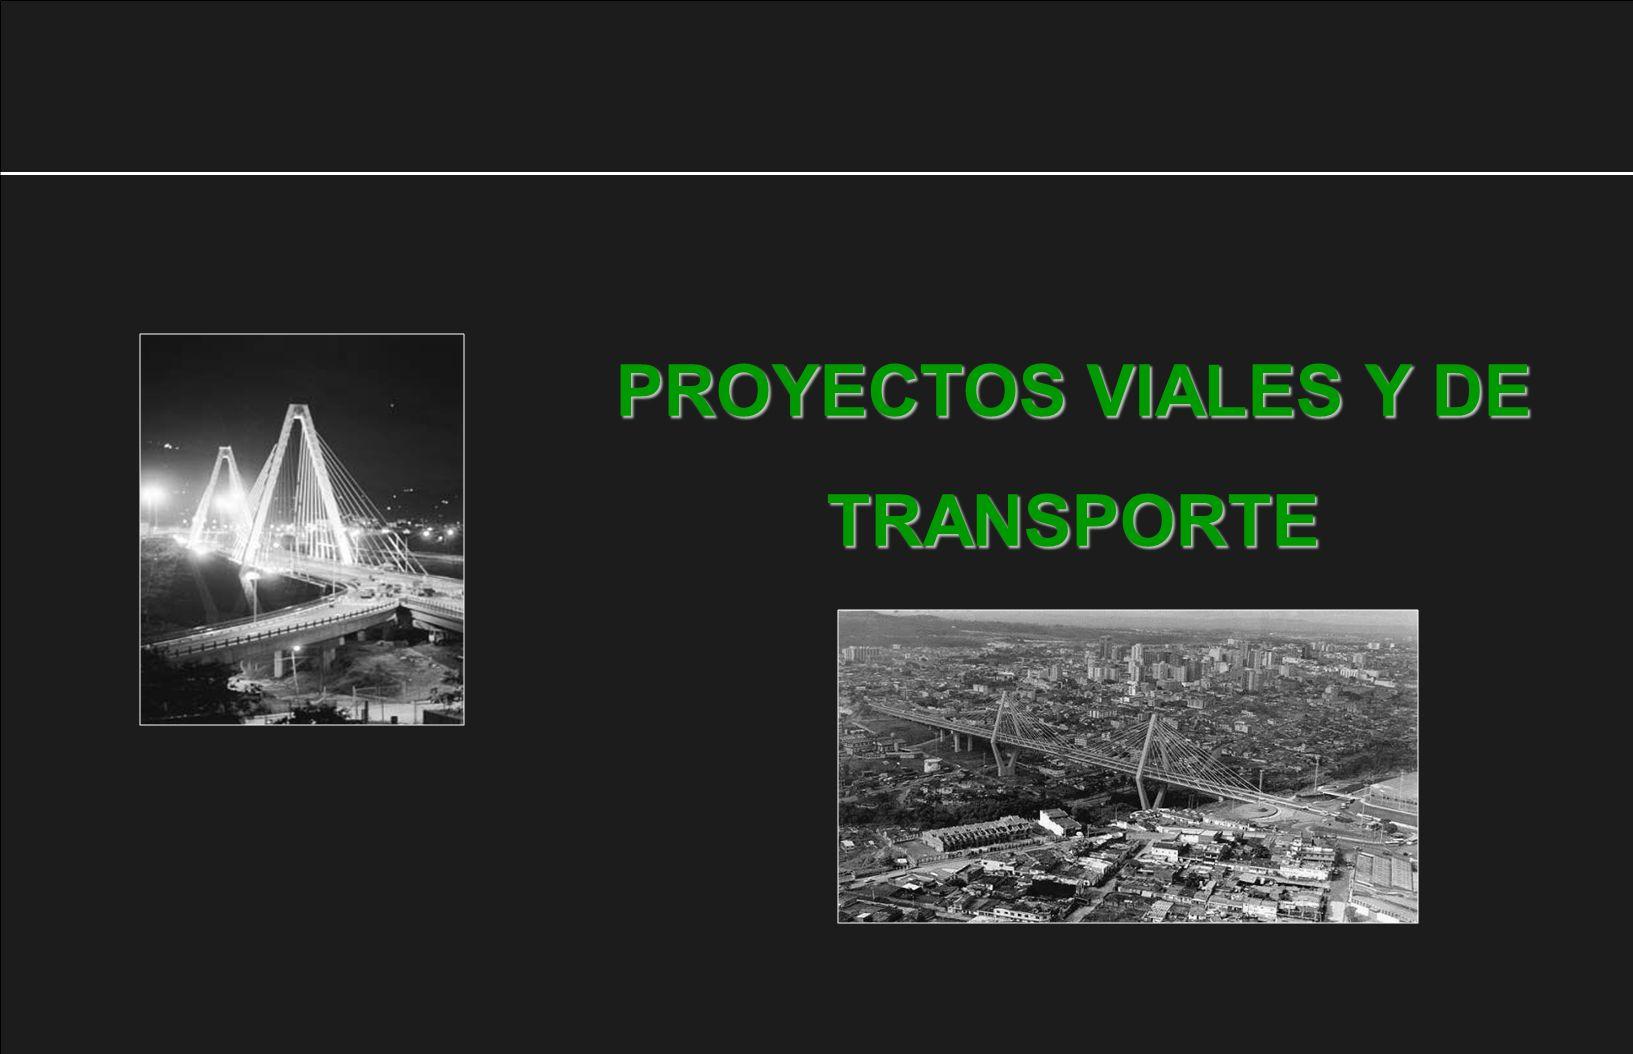 PROYECTOS VIALES Y DE TRANSPORTE